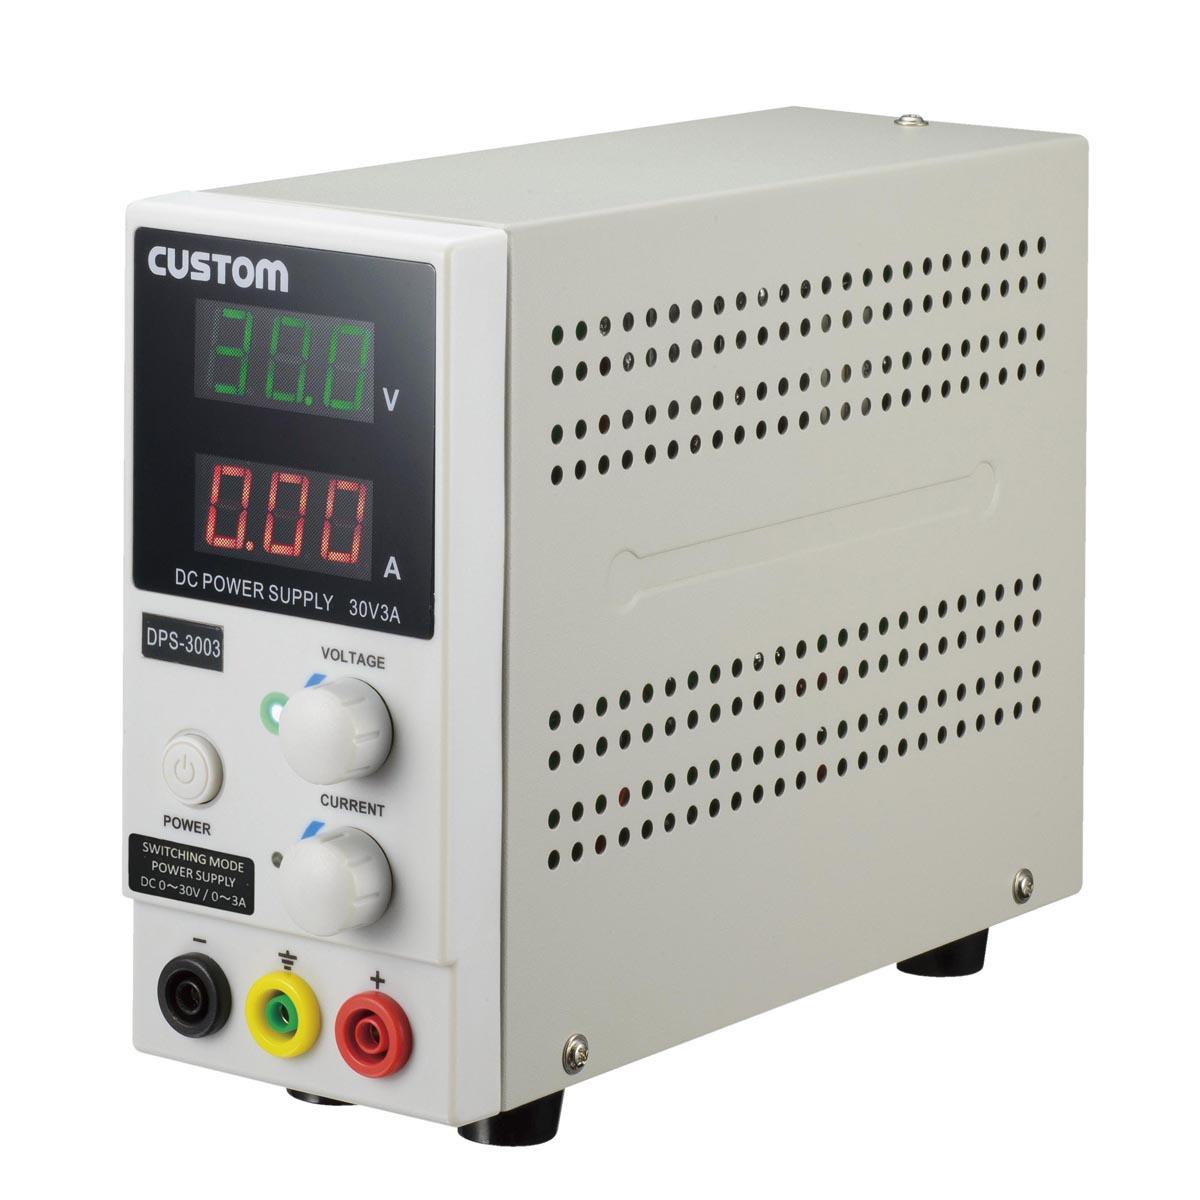 カスタム 直流安定化電源装置 DPS-3005